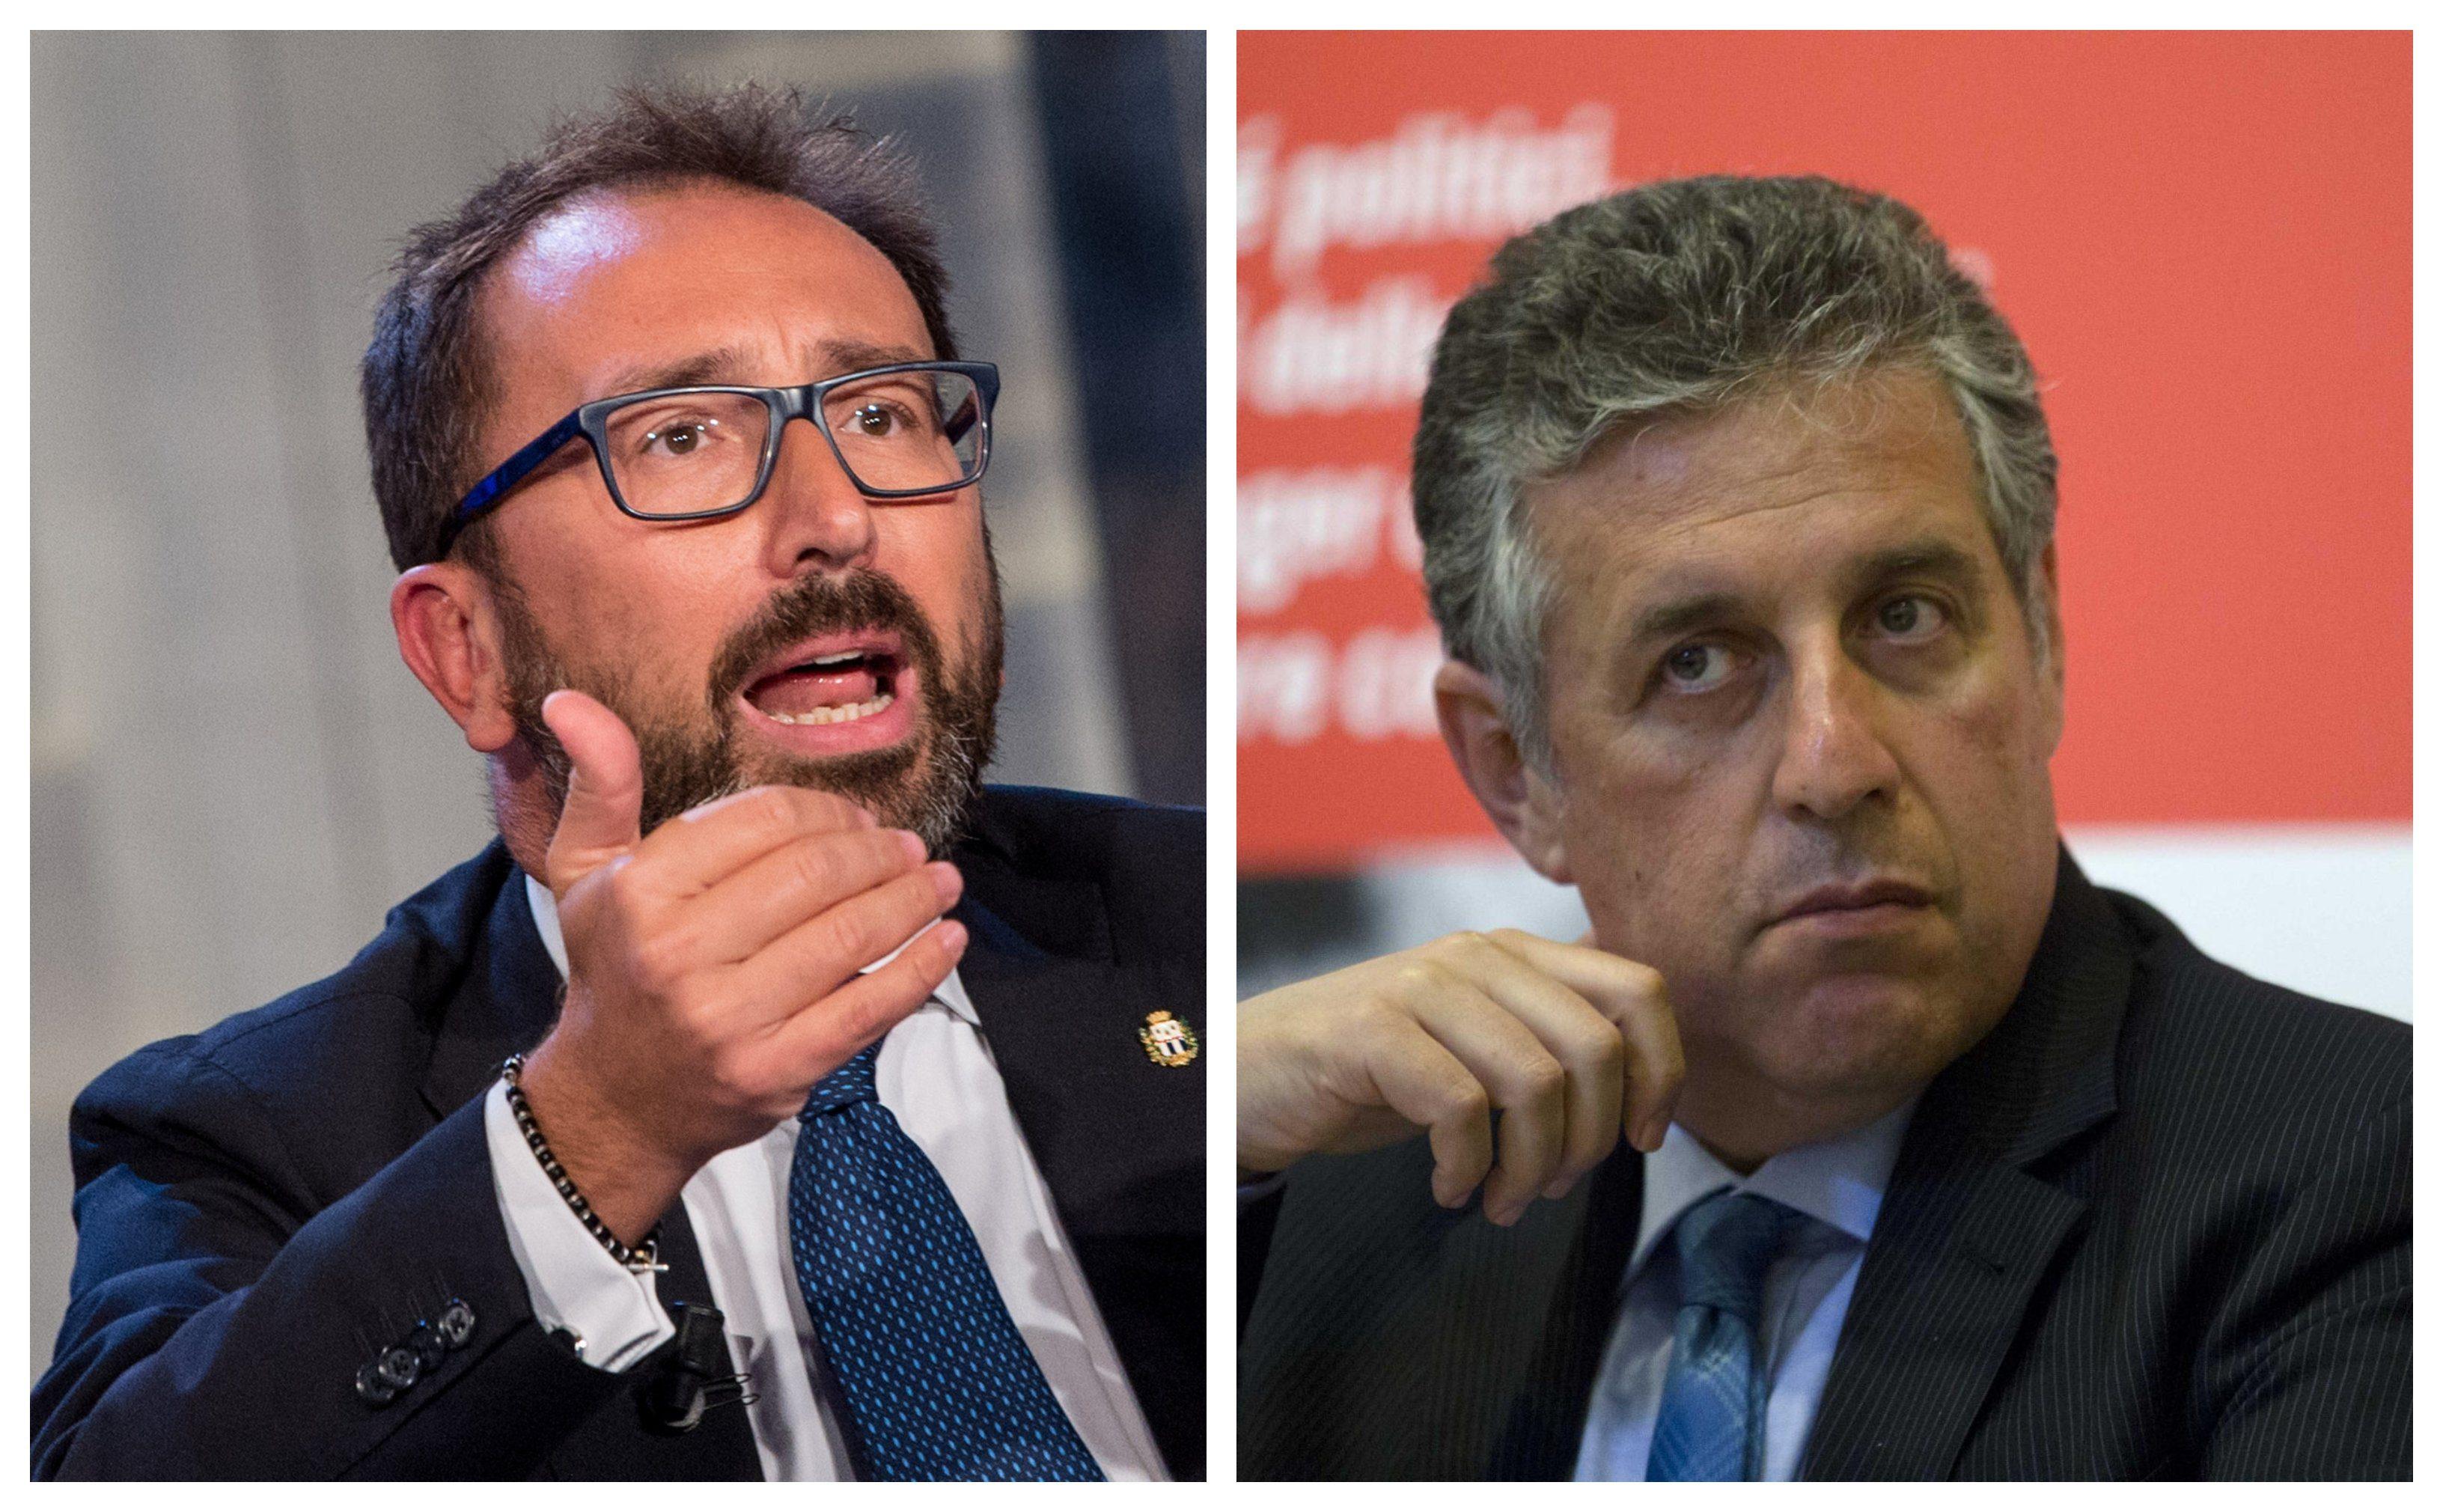 La mancata nomina di Nino Di Matteo. Le precisazioni del Ministro Bonafede